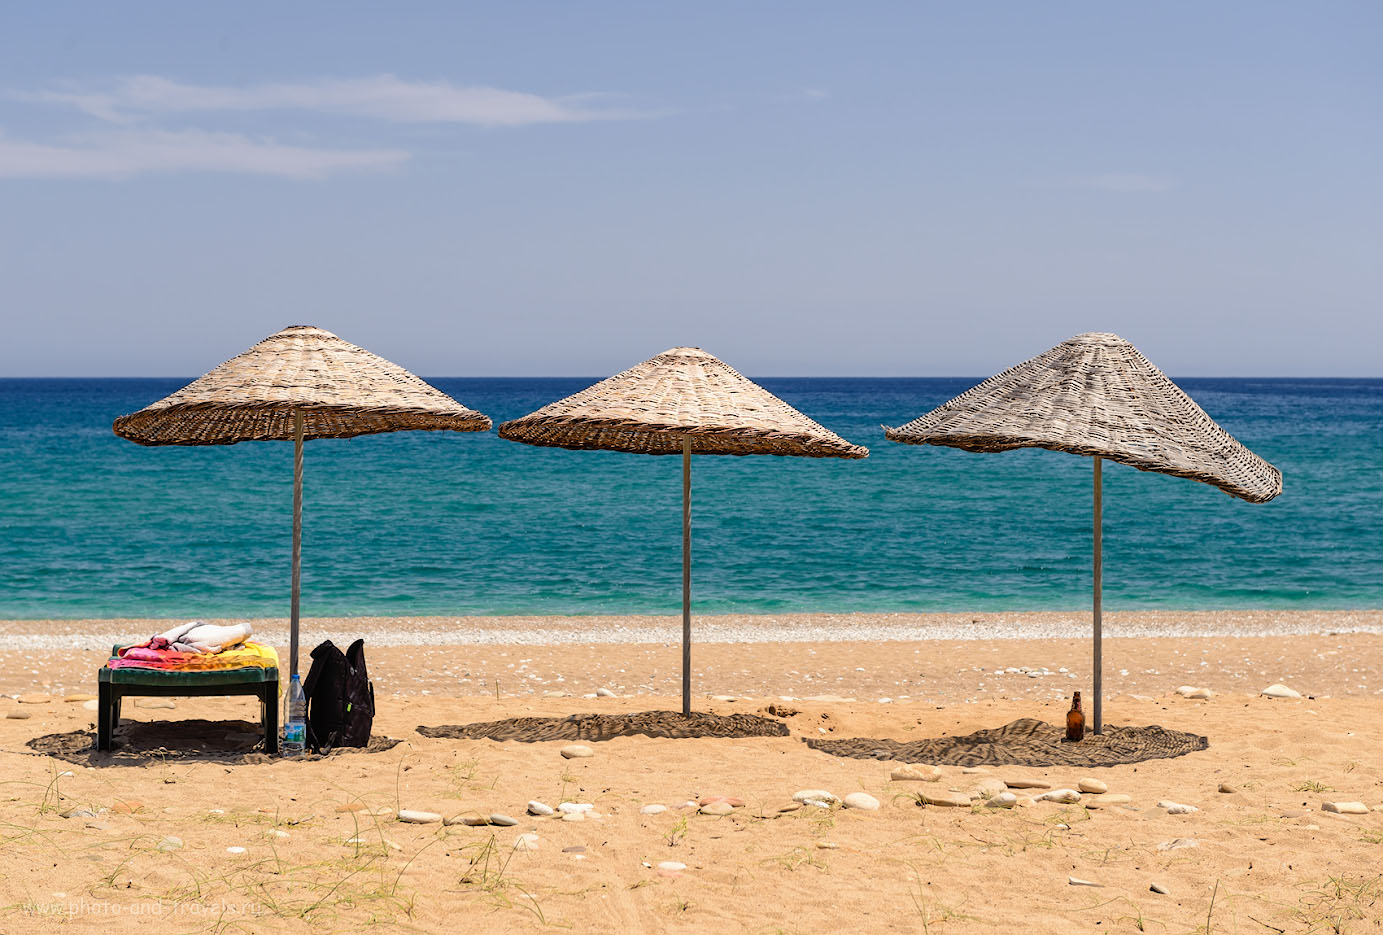 Изображение 30. Когда я писал отзыв об отдыхе в Мексике, говорил, что за пляжным отдыхом не обязательно тащиться в такую даль, можно неплохо провести время в Турции. 1/160, 8.0, 100, 70.